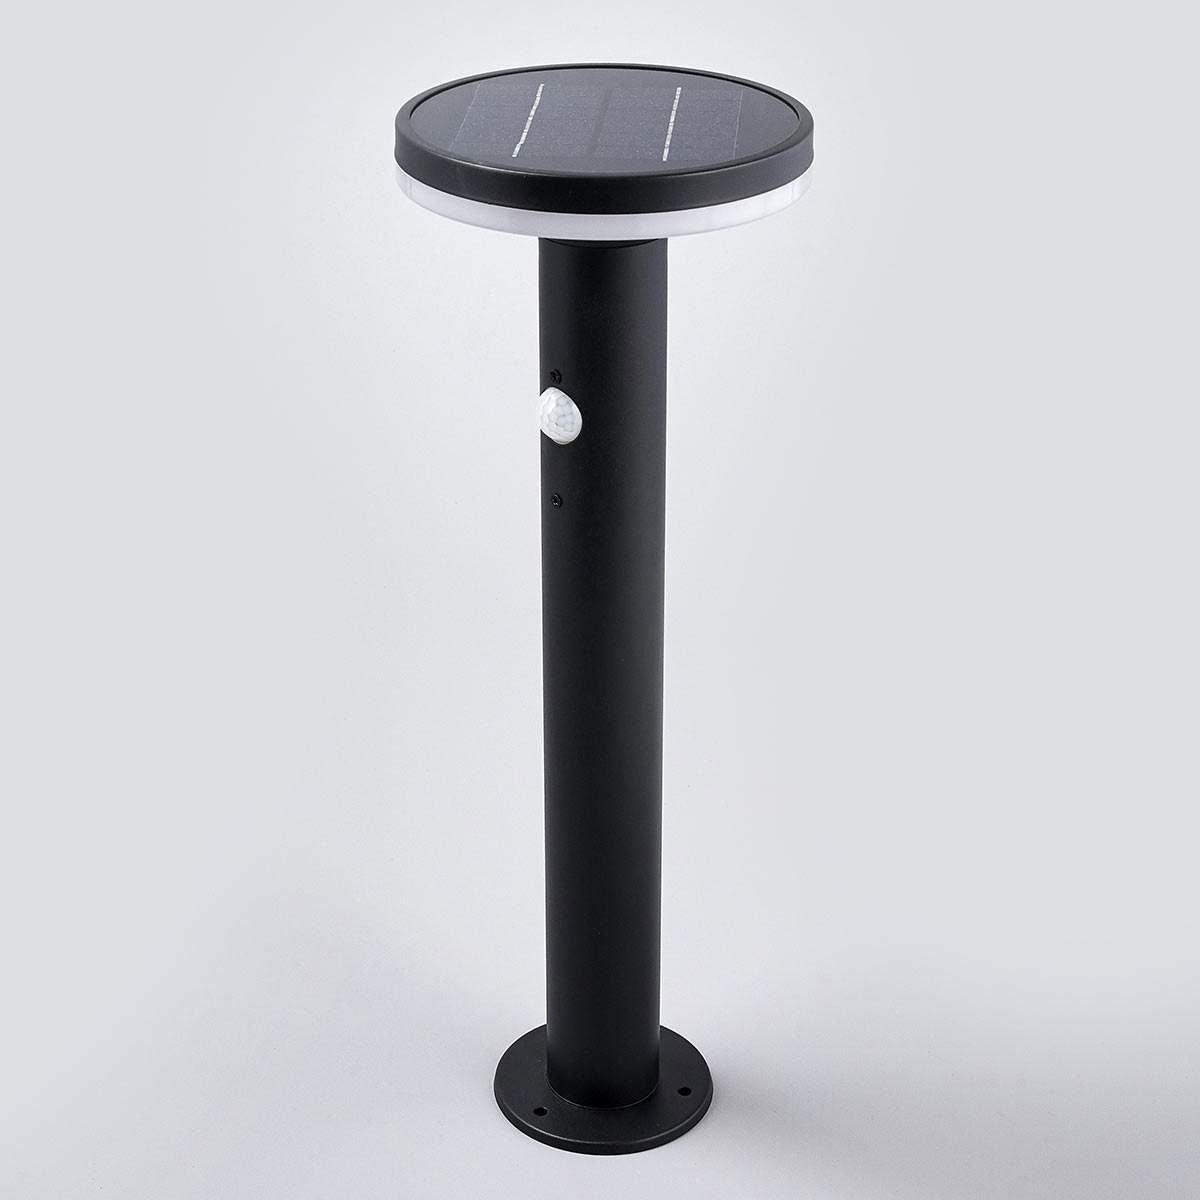 Solar-Sockellampe Eliano mit Bewegungsmelder, 45,5x16x16 cm, Edelstahl, schwarz   #3